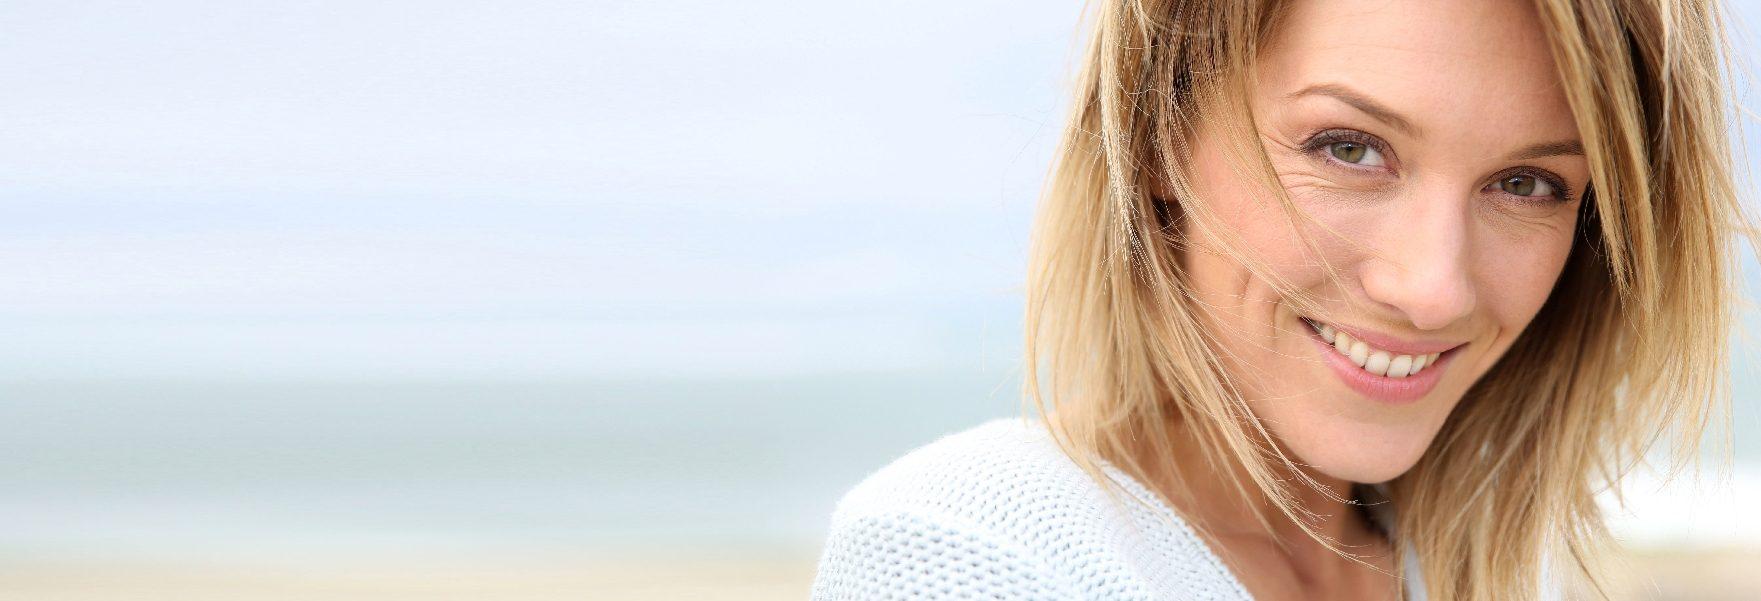 Assists in skin regeneration